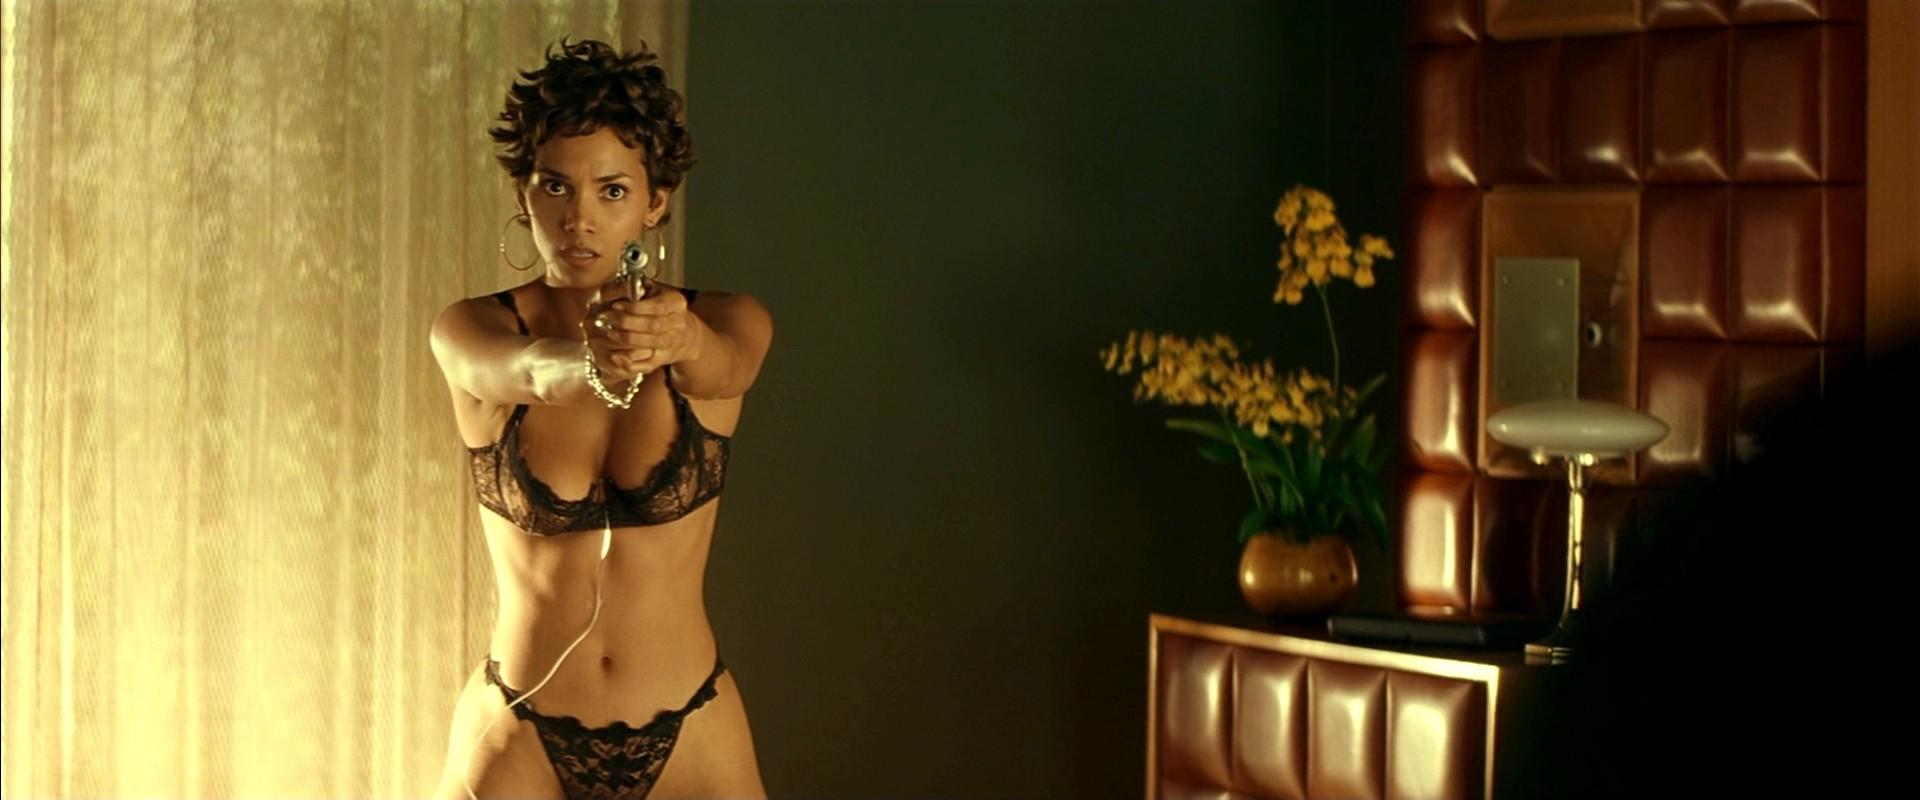 youtube filmy online zdarma nude women